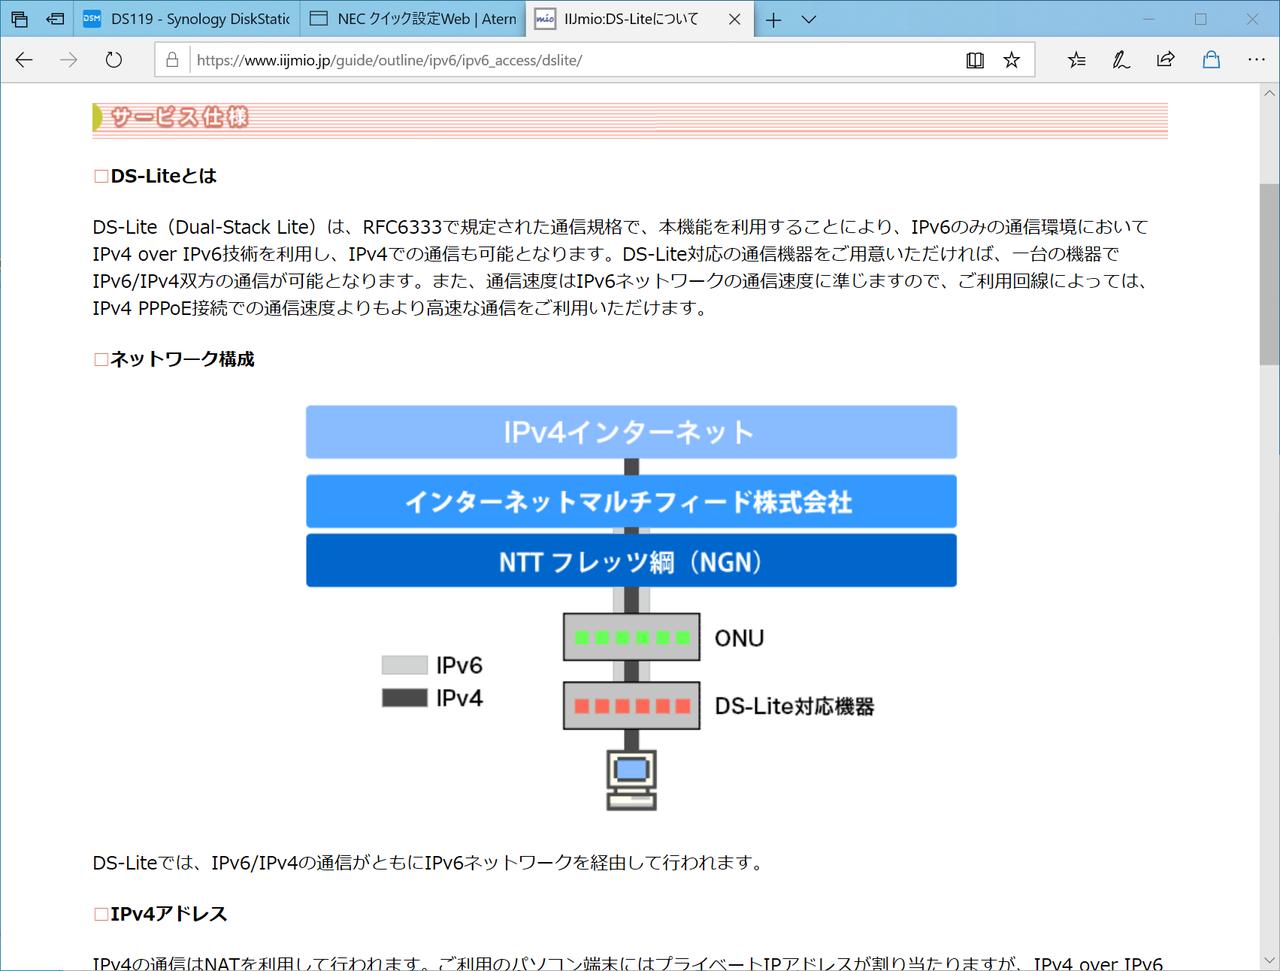 transix(DS-Lite)では事業社側でNATがかかるため、ポートマッピングなどの設定はできない